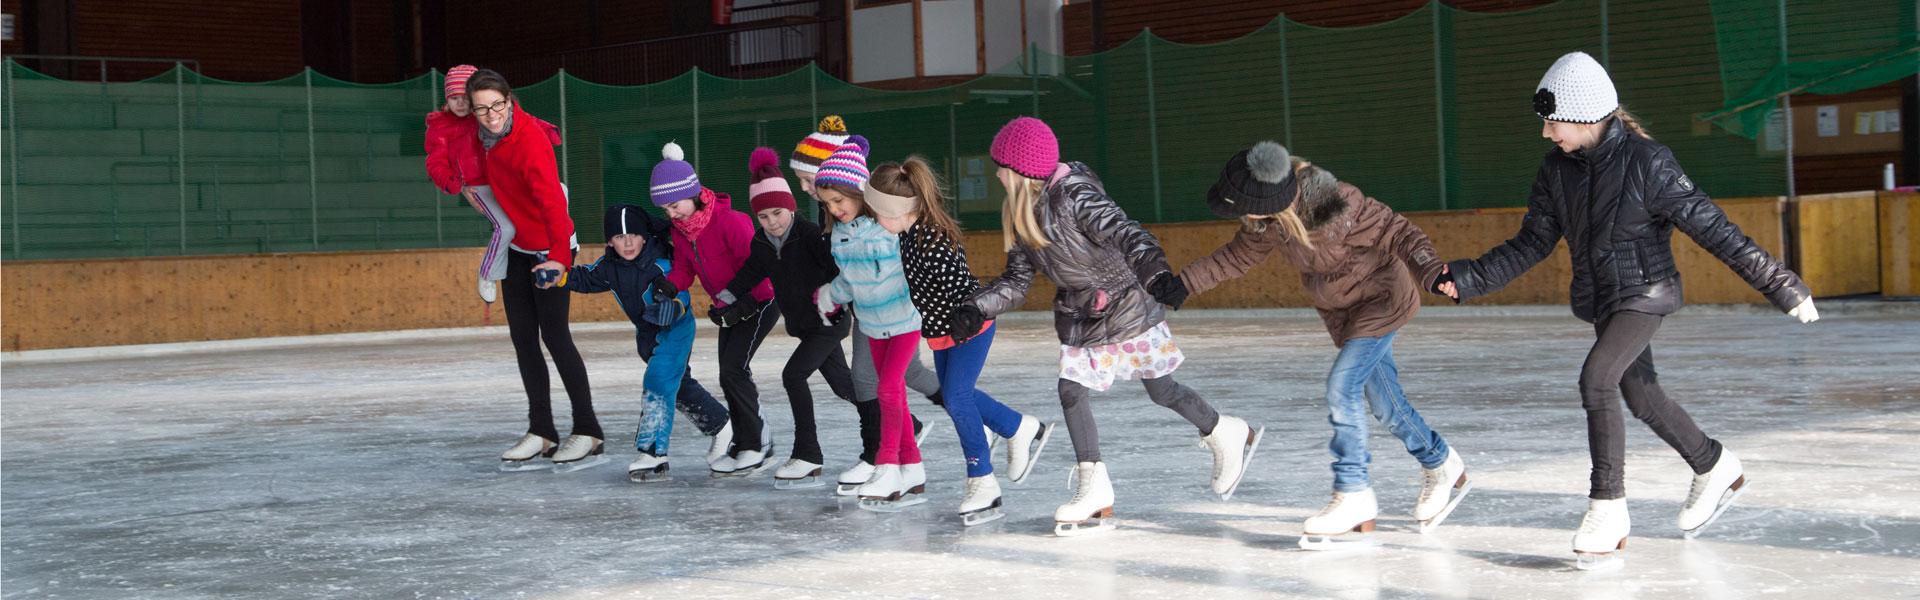 Eislaufen in Waldkirchen